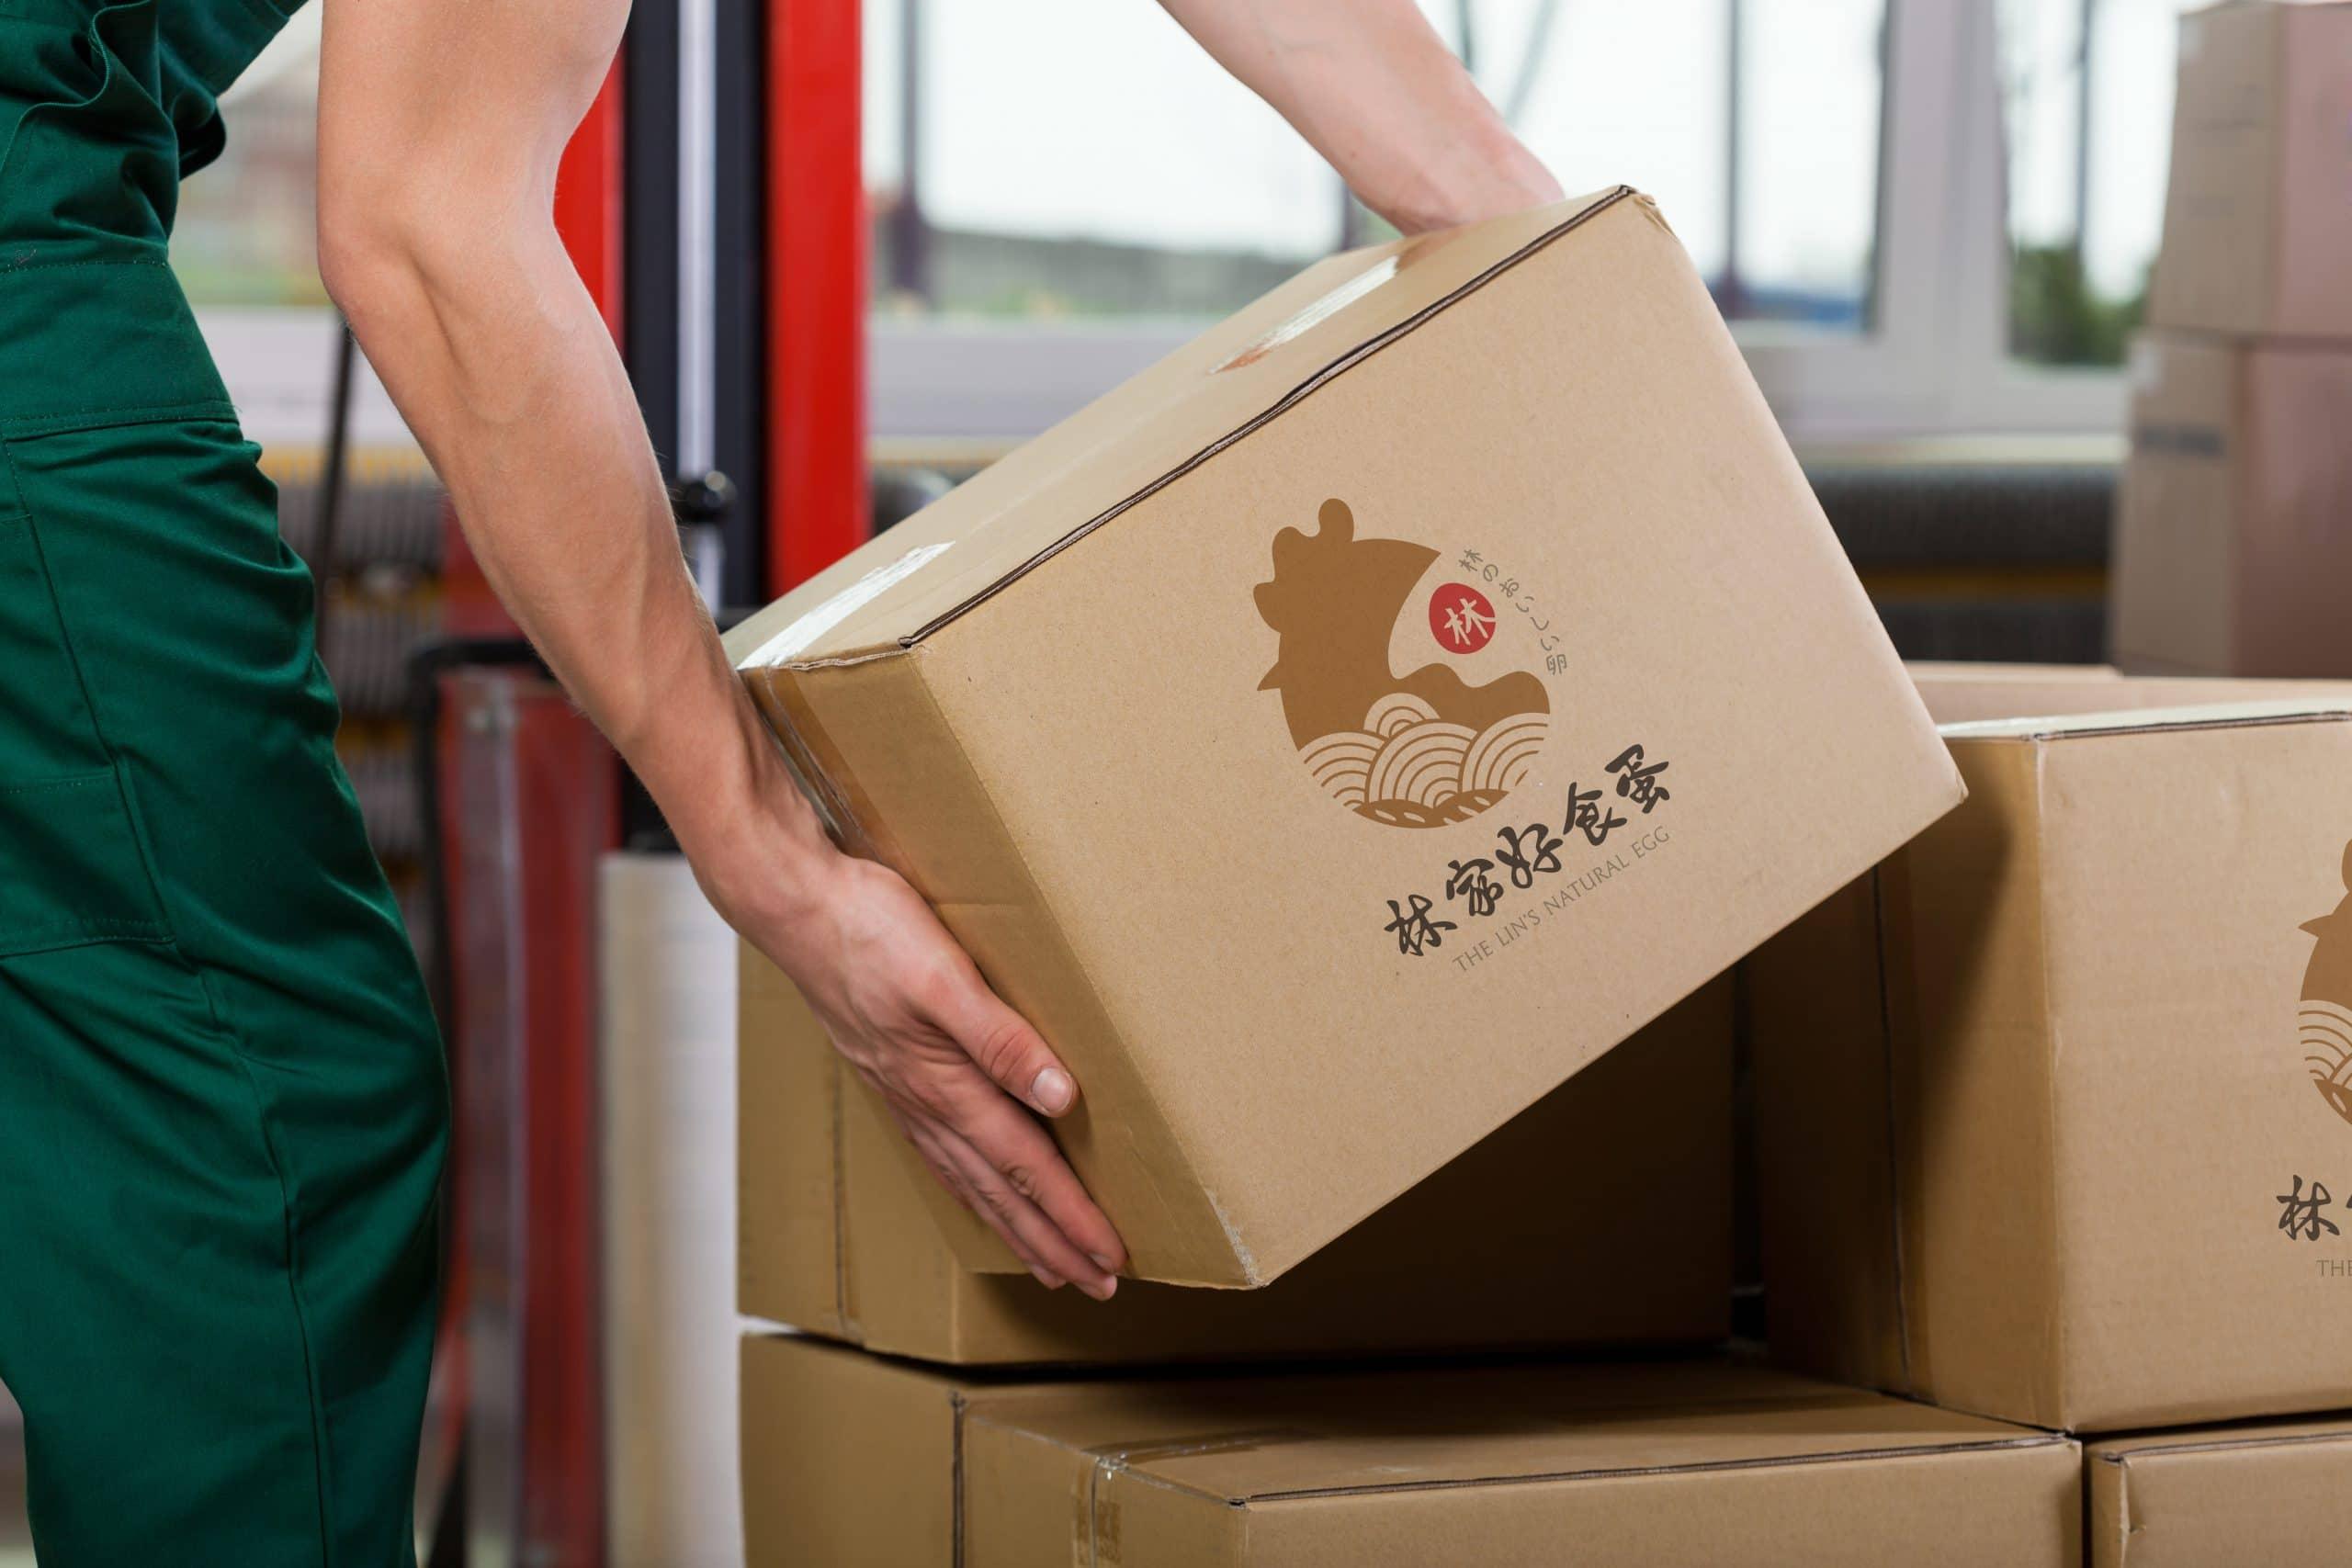 林家好食蛋 LOGO設計 形象設計 品牌設計 商標設計